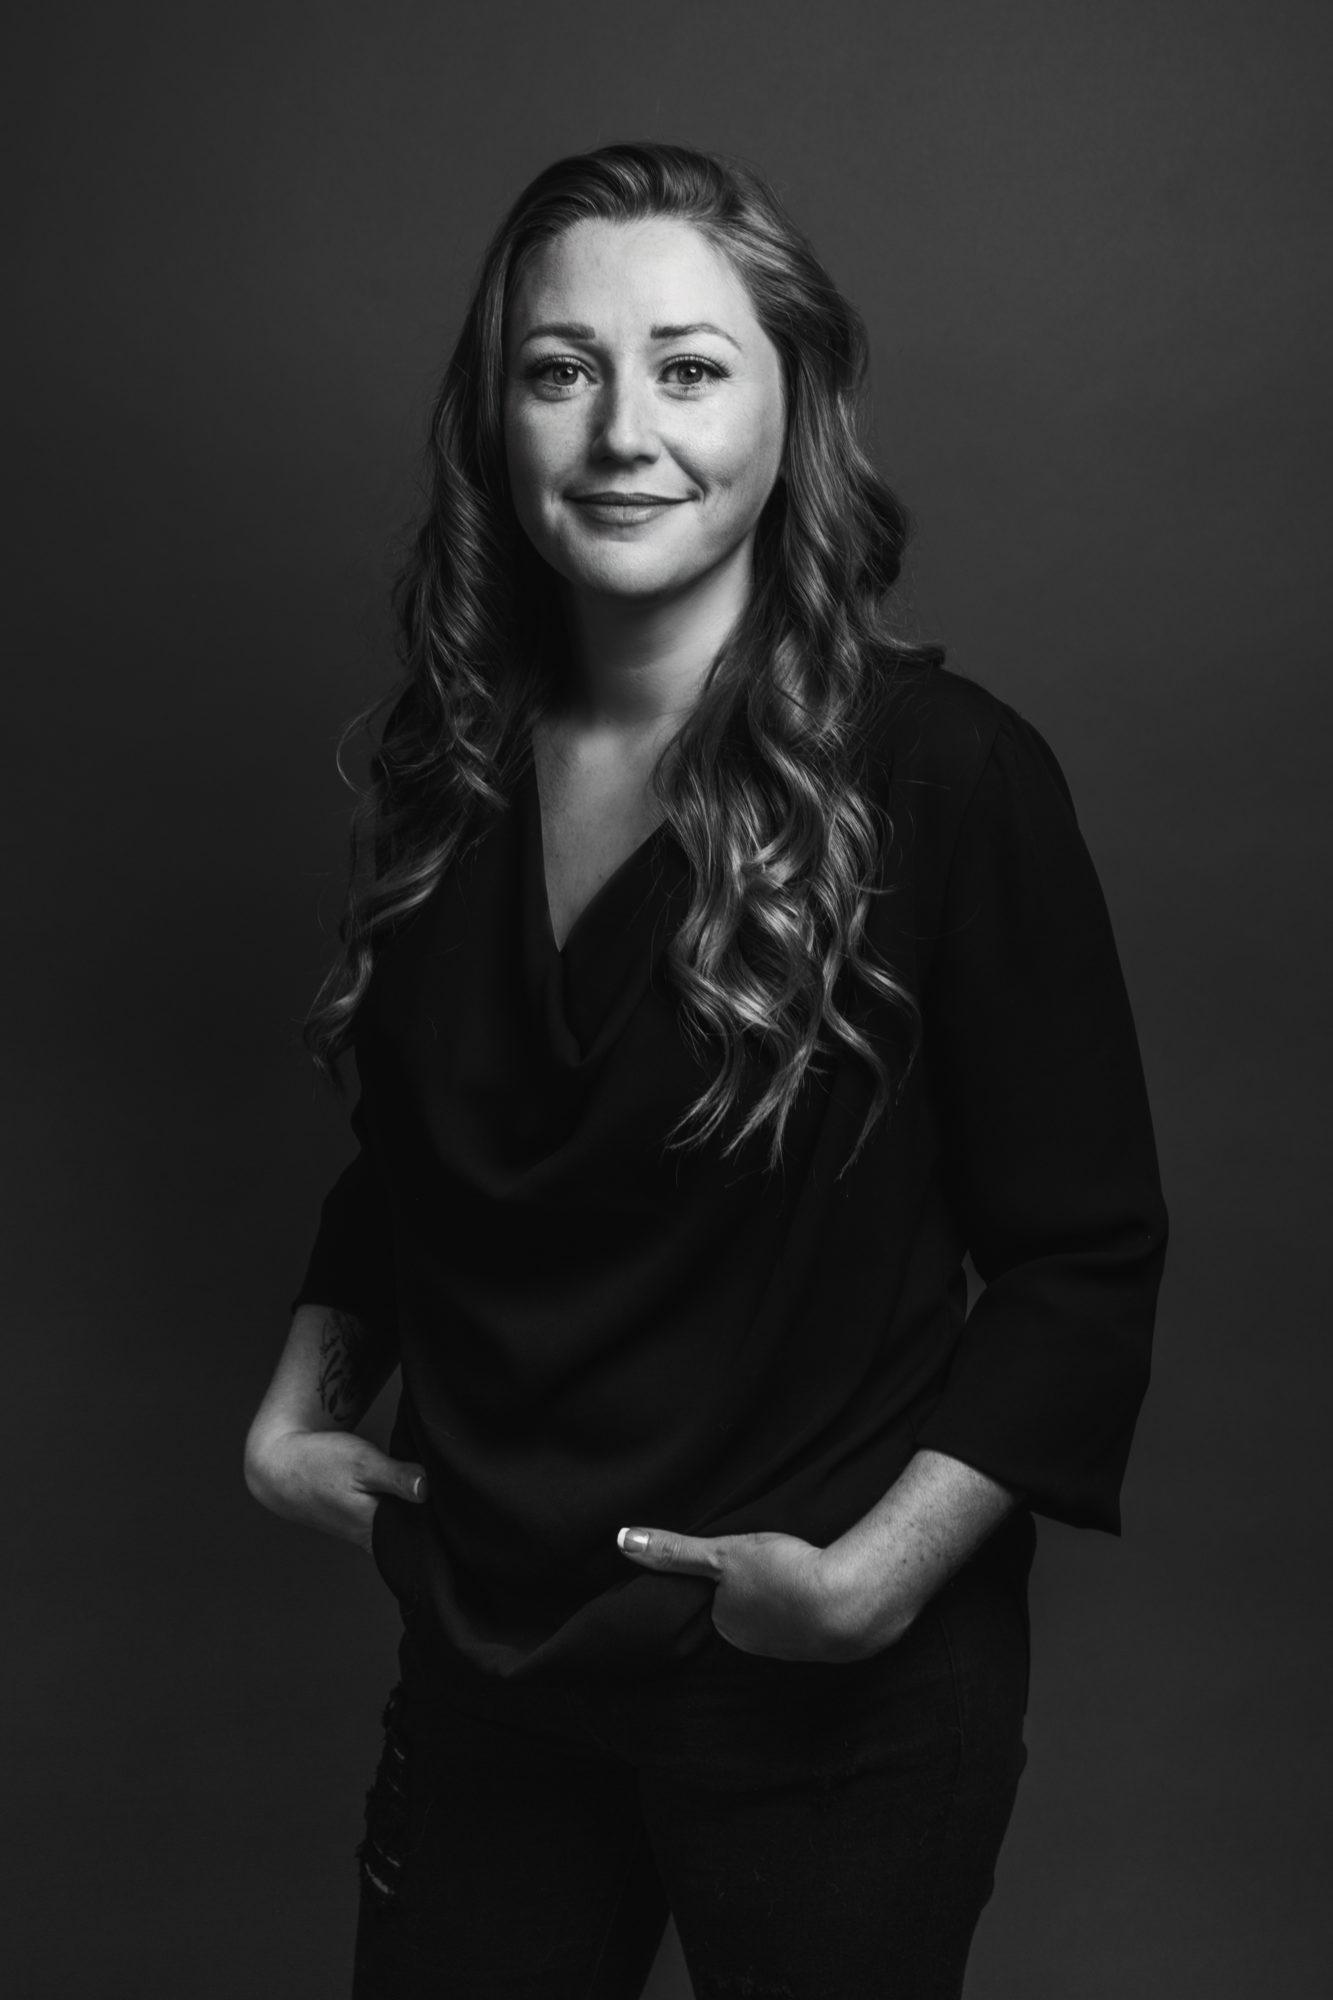 Elizabeth Converse | 2021 40 Under 40